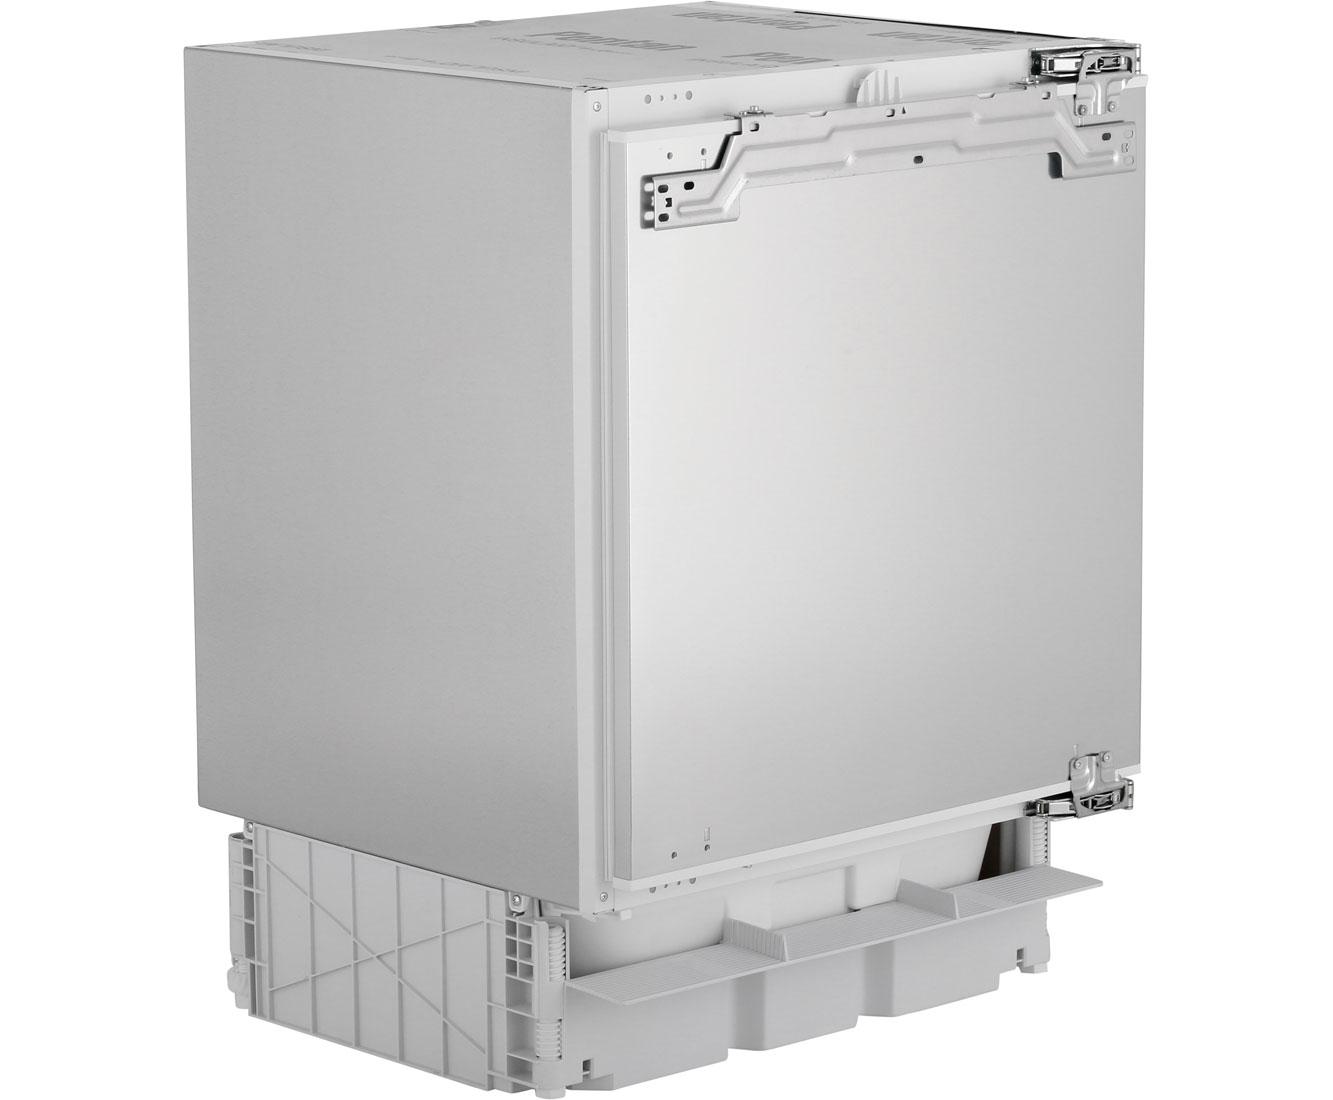 Siemens Kühlschrank In Betrieb Nehmen : Siemens ku la unterbau kühlschrank mit gefrierfach er